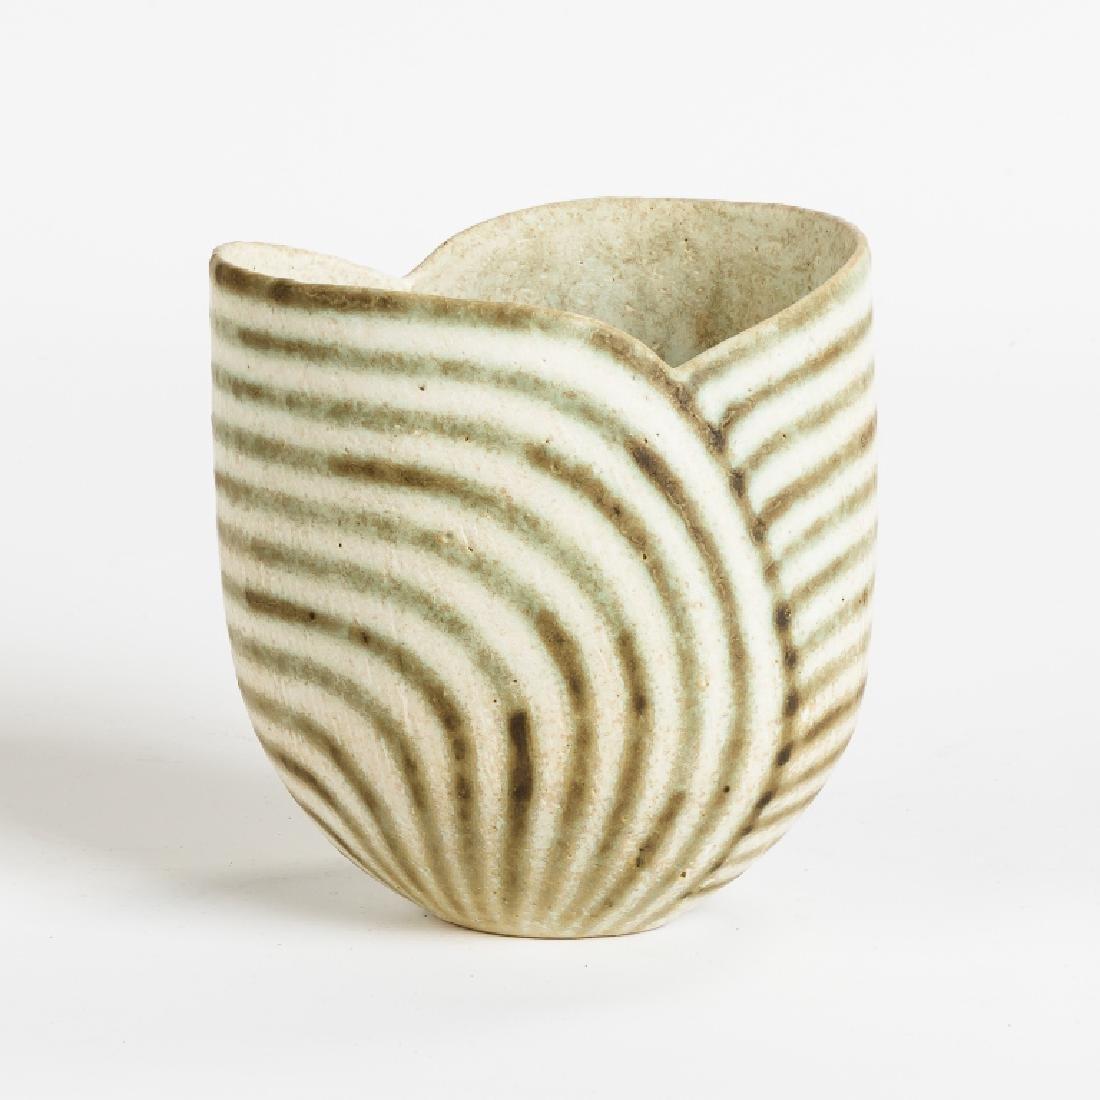 John Ward (English, born 1938) Green Banded Bowl